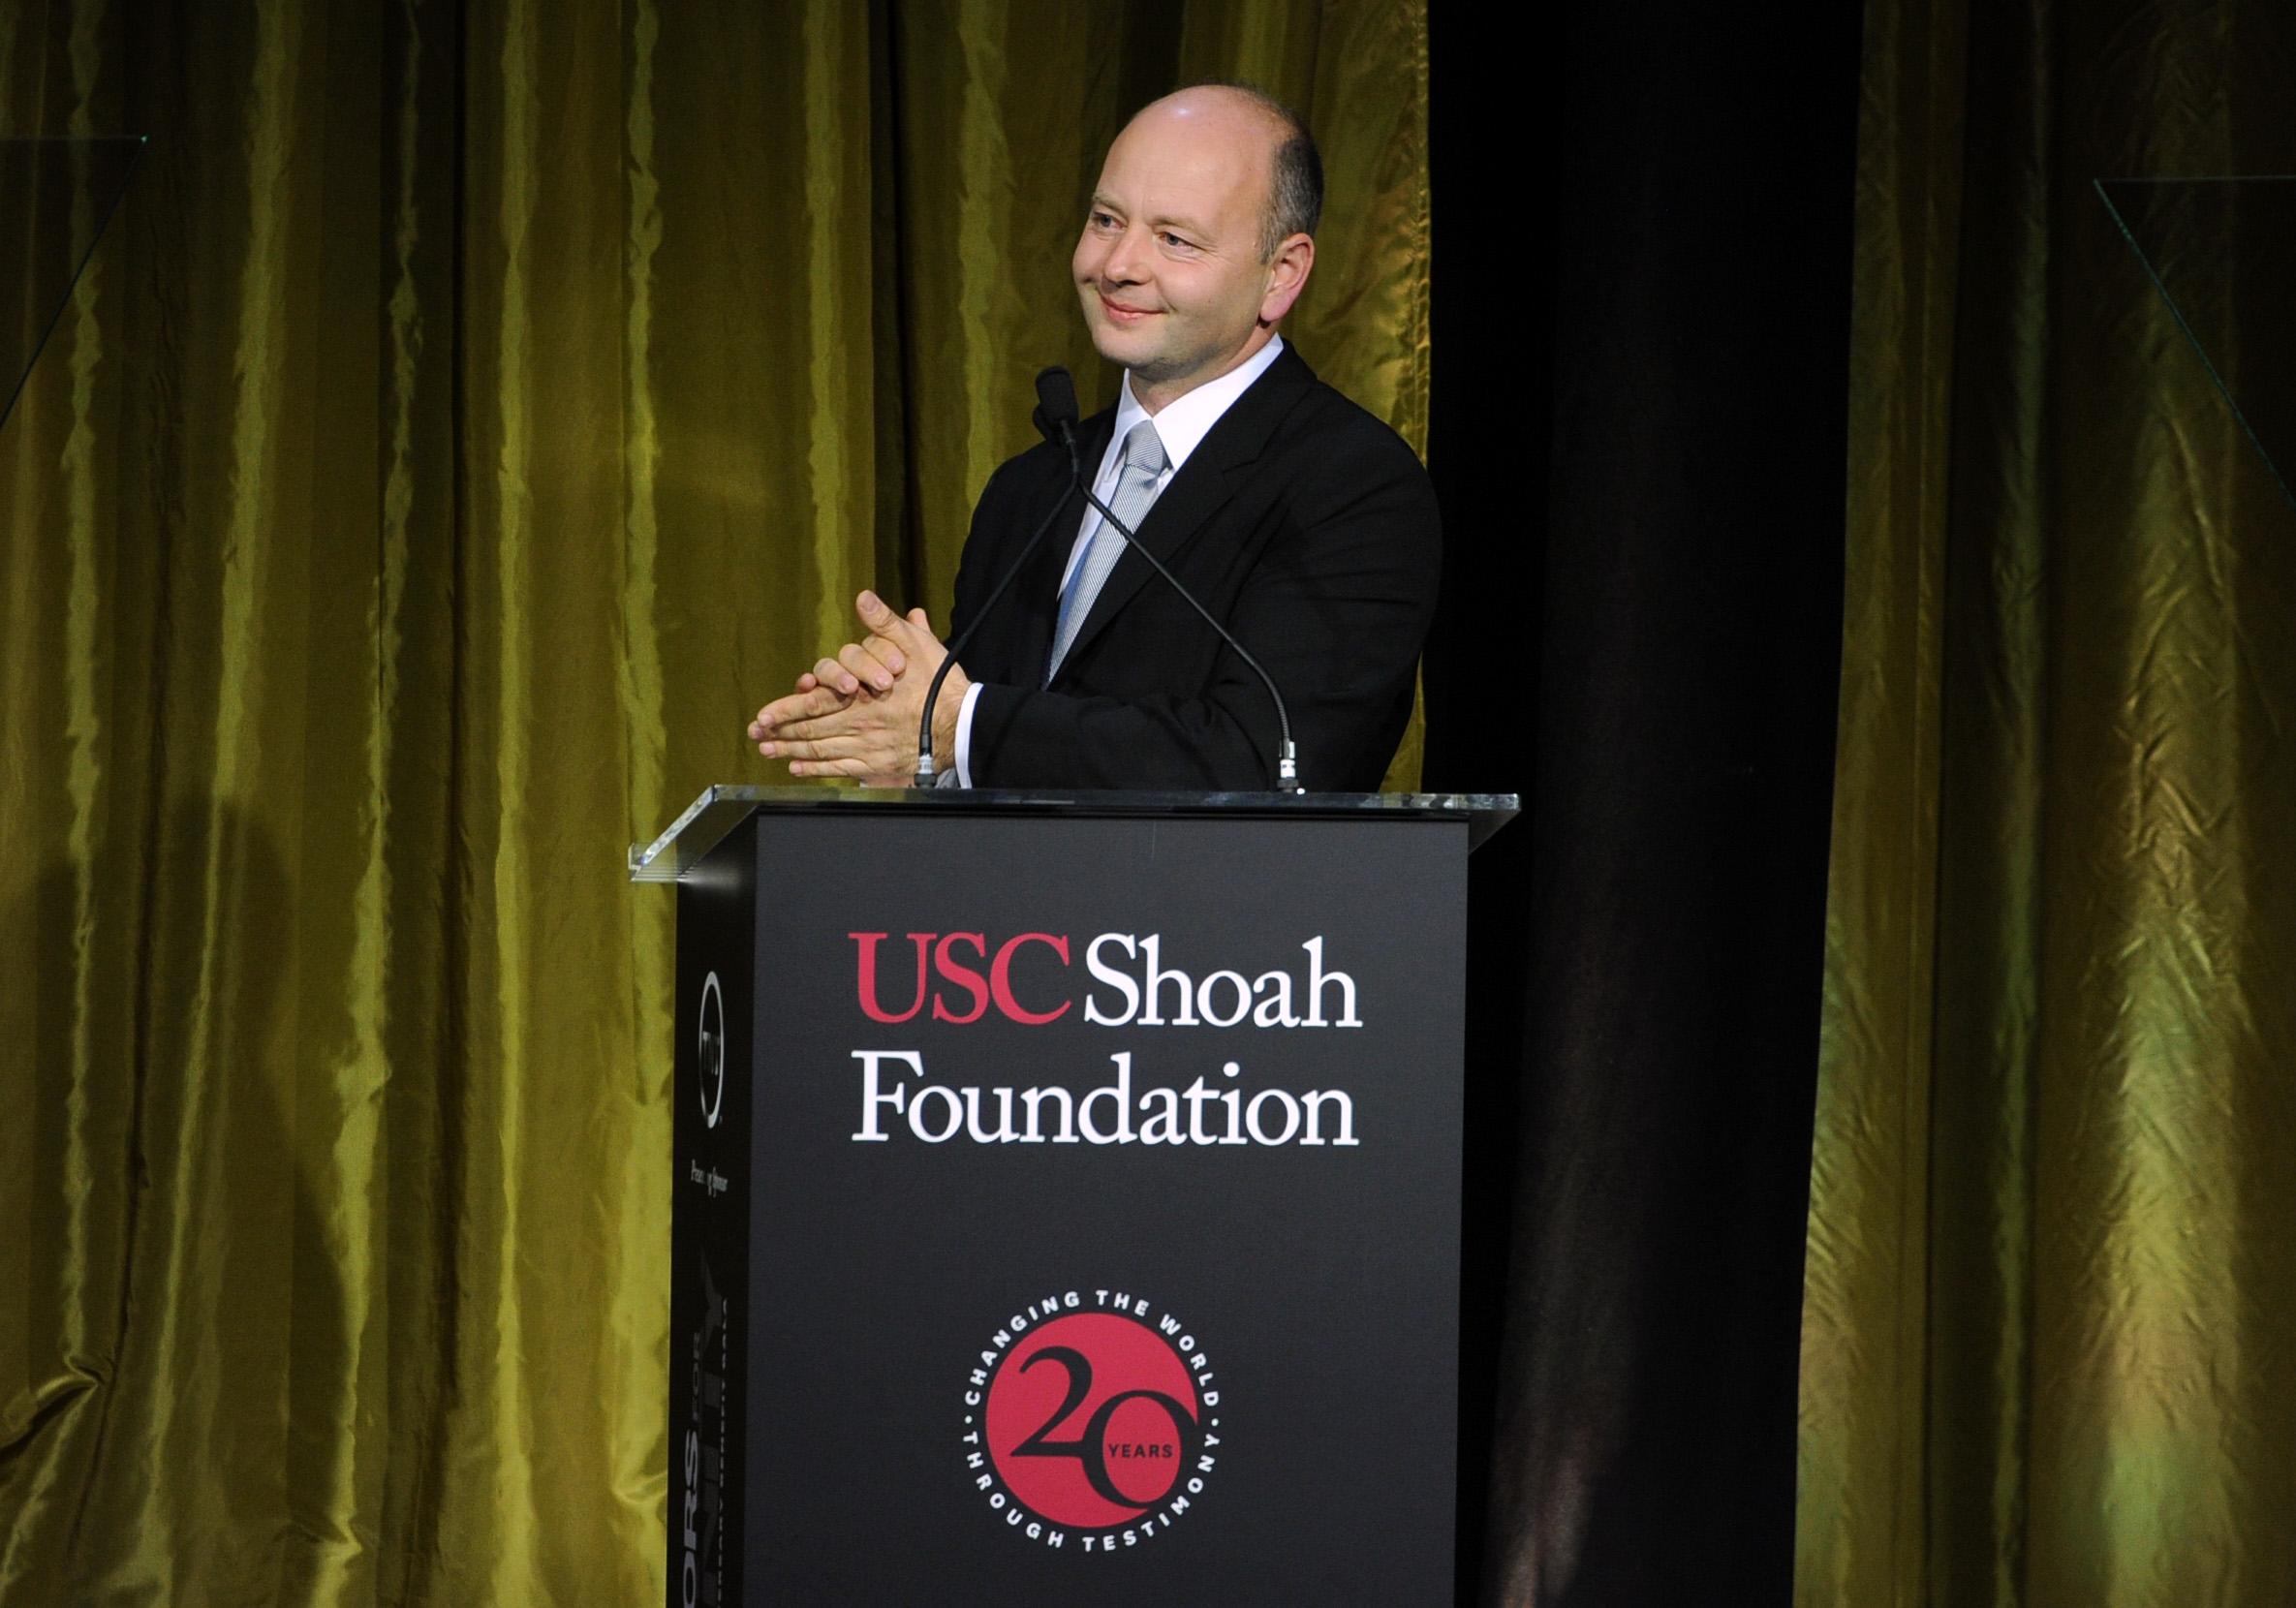 Executive Director Stephen D. Smith